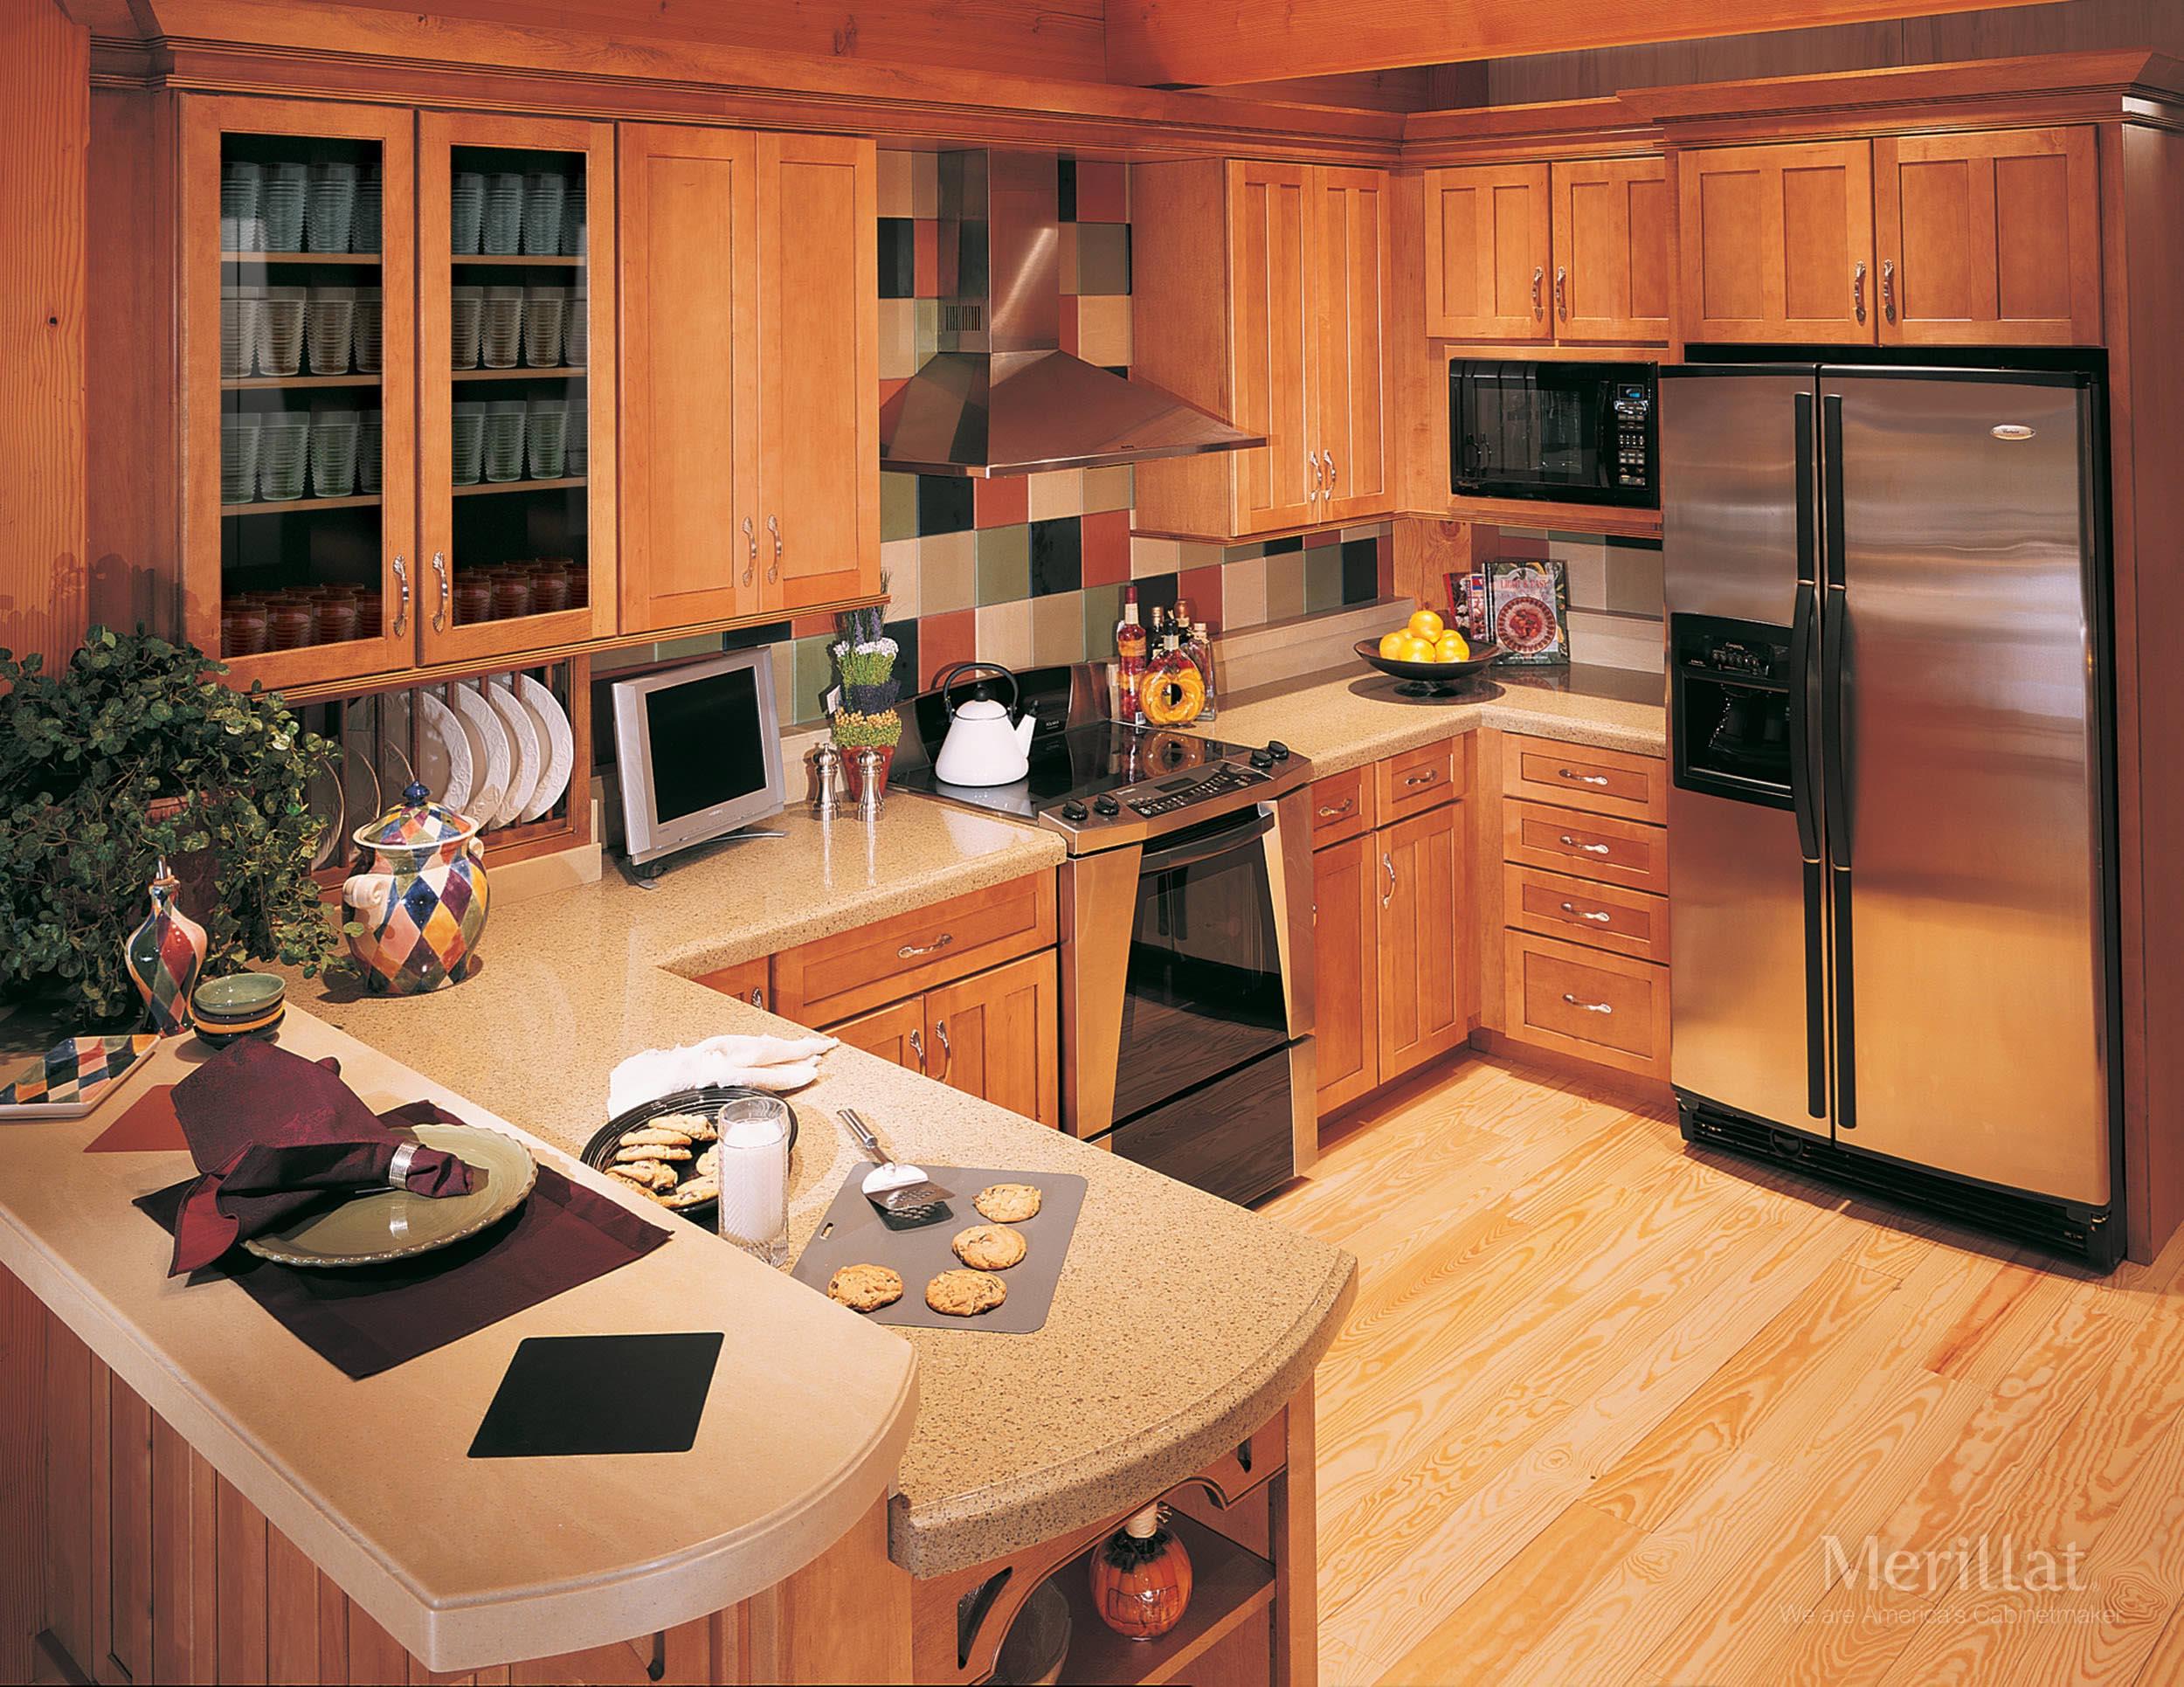 Merillat Kitchen Cabinets Merillat Masterpiecer Landis In Maple Ginger With Sable Glaze